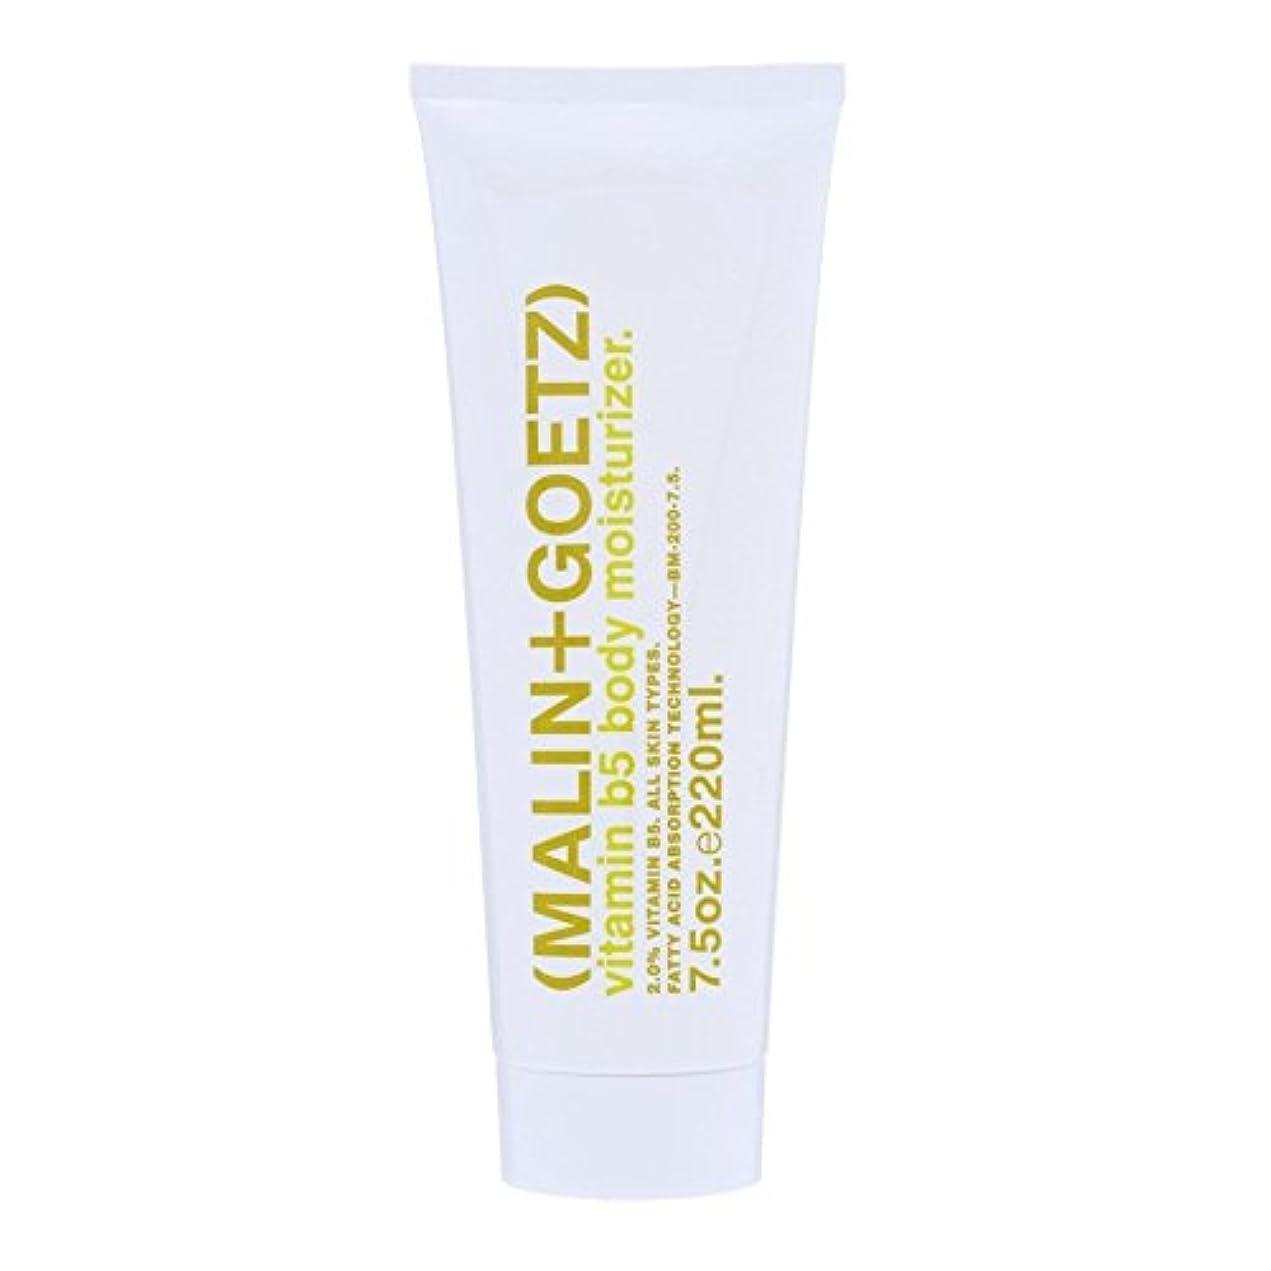 人に関する限りキャベツ配置(MALIN+GOETZ) Vitamin B5 Body Moisturiser 220ml - (マリン+ゲッツ)ビタミン5ボディモイスチャライザーの220ミリリットル [並行輸入品]